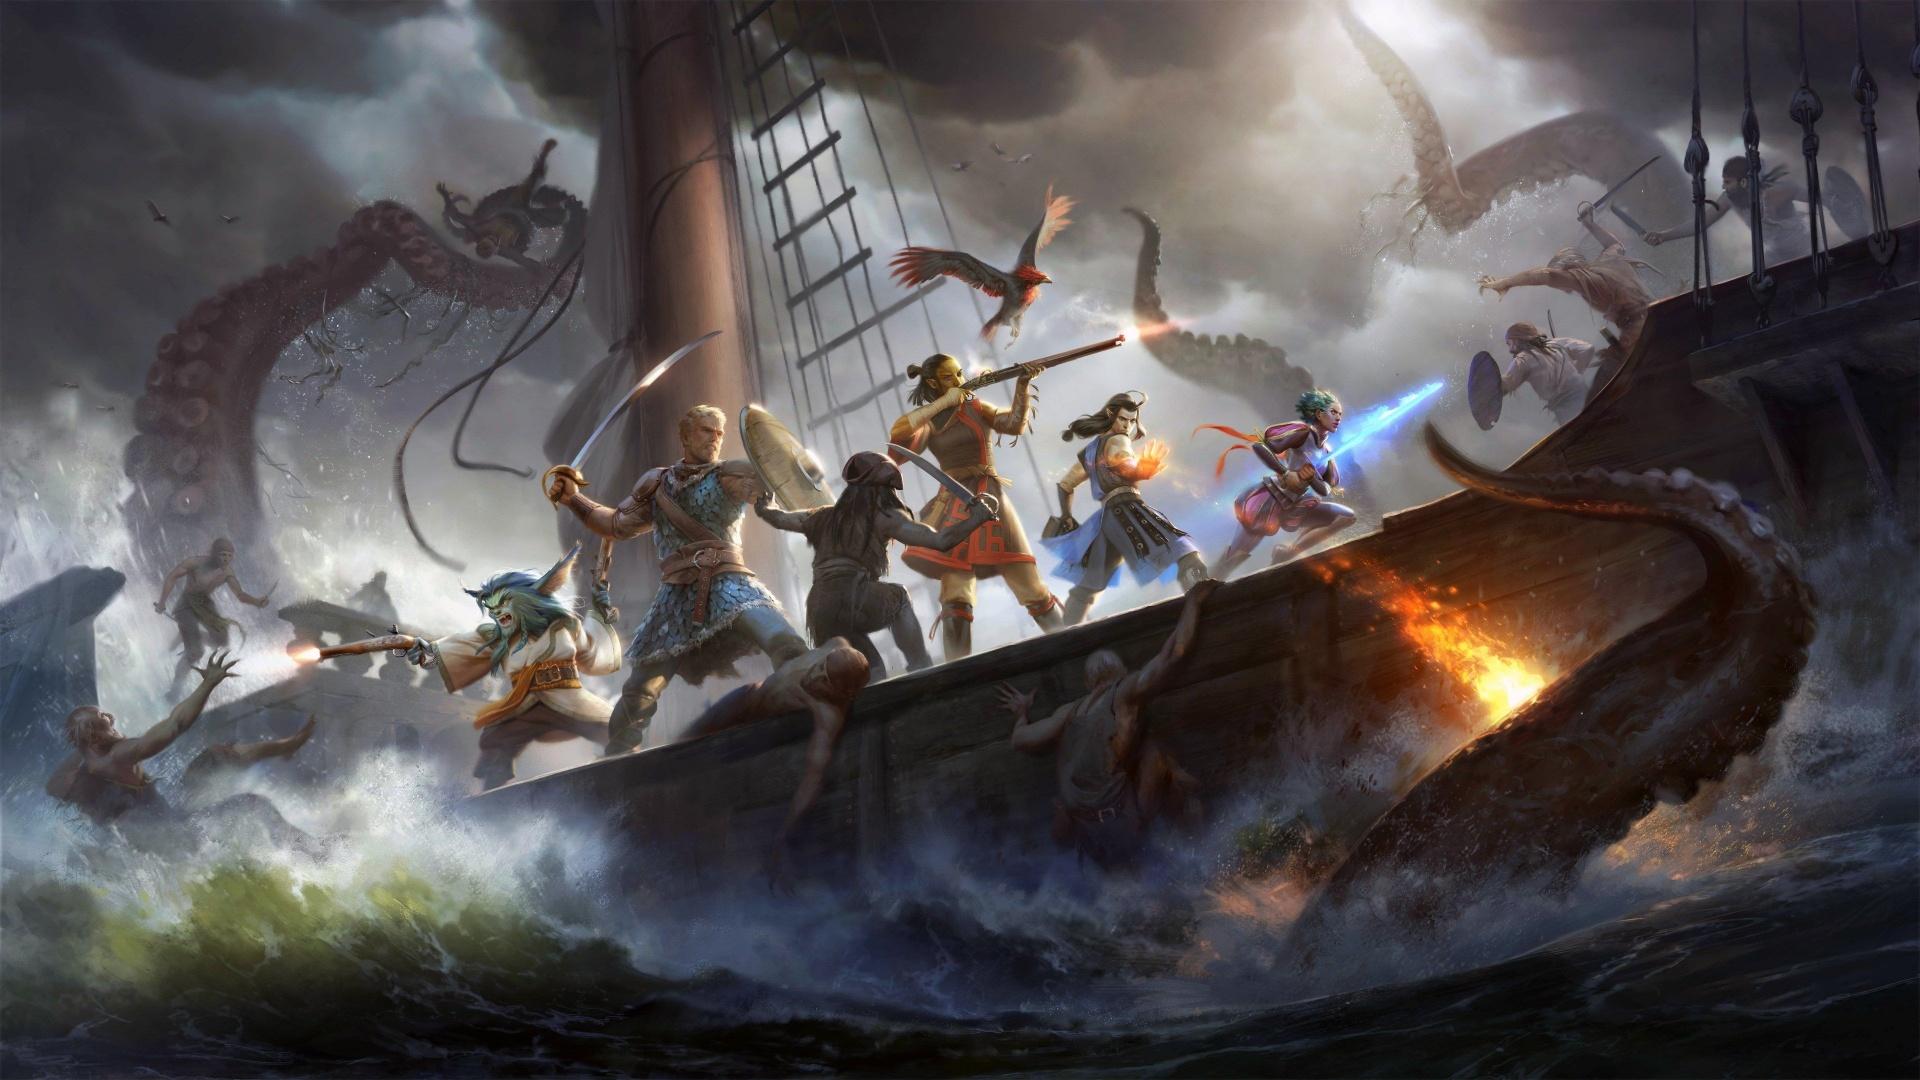 Полное издание Pillars of Eternity2 выйдет на консолях28 января 2020 года